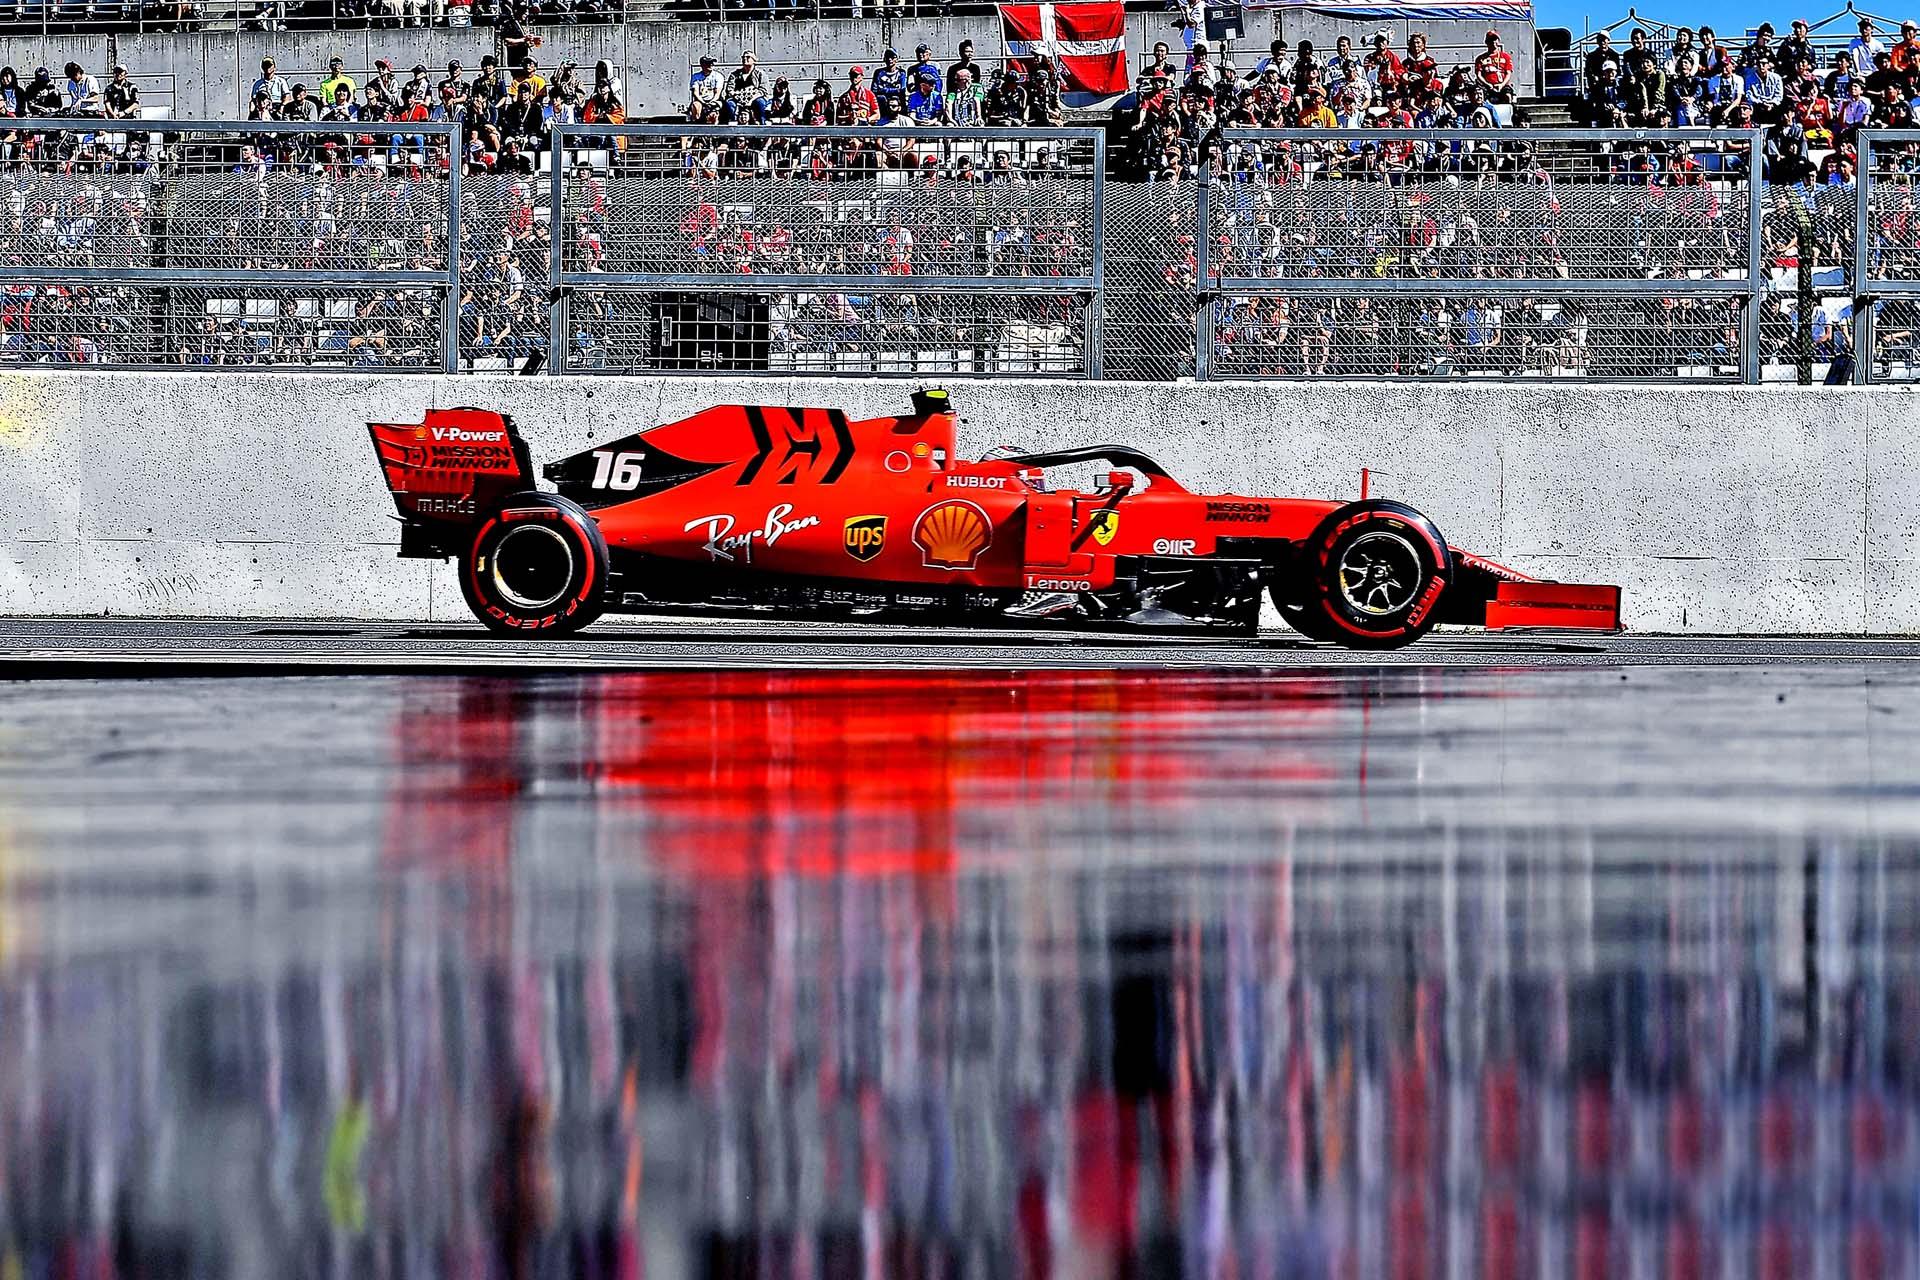 GP GIAPPONE F1/2019 - DOMENICA 13/10/2019